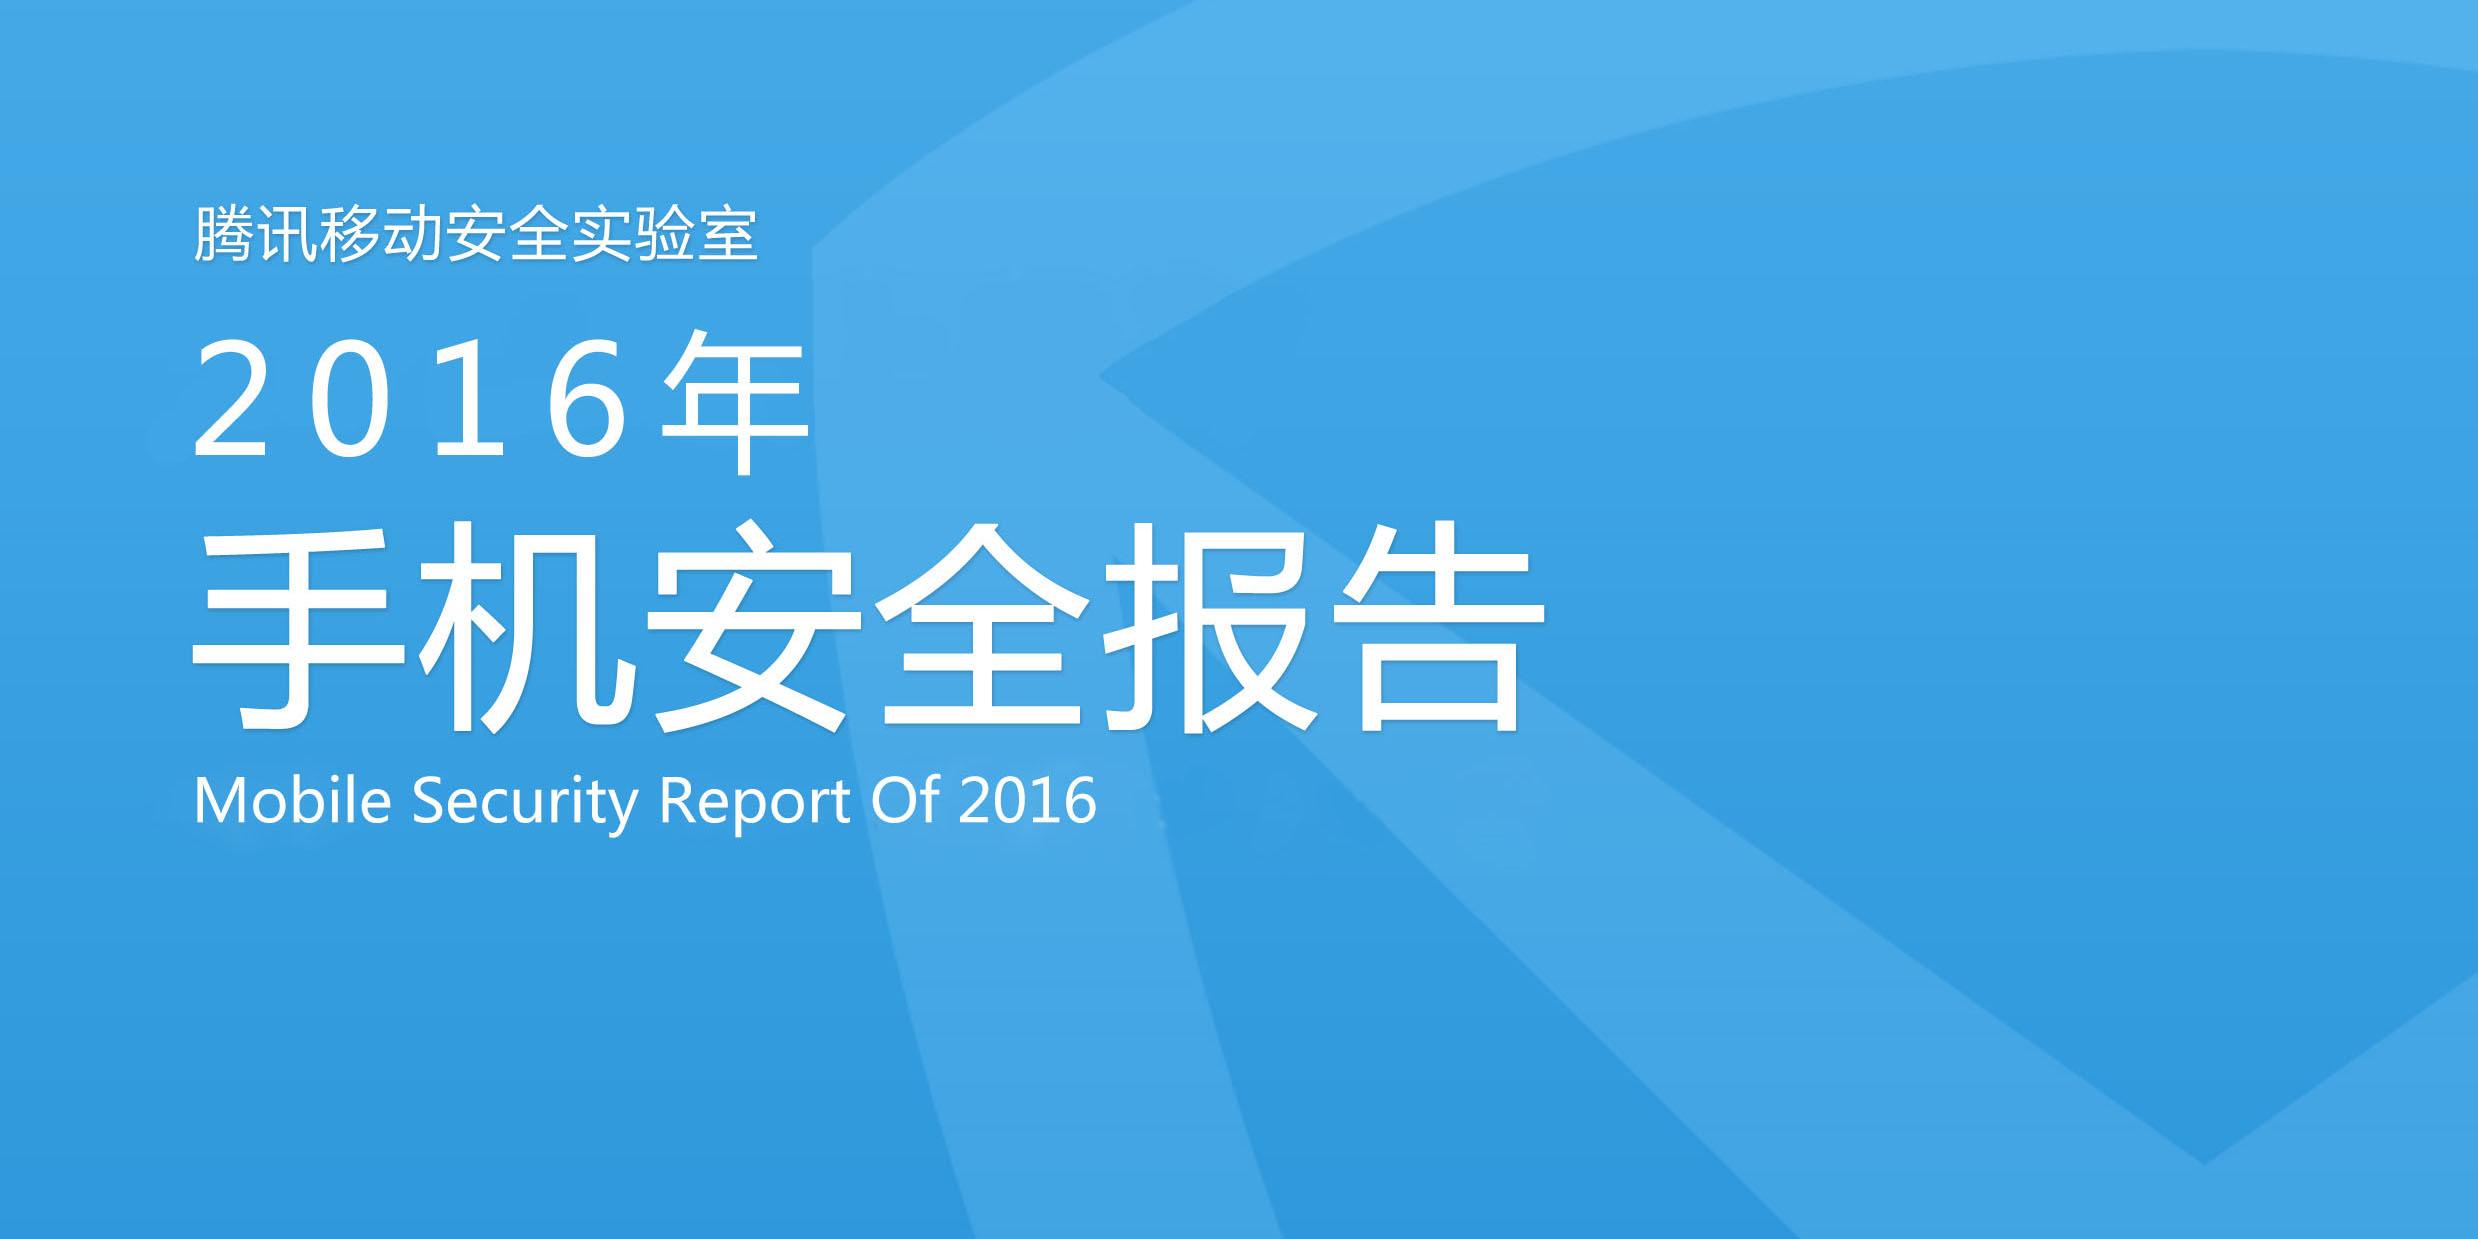 腾讯移动安全实验室2016年手机安全报告